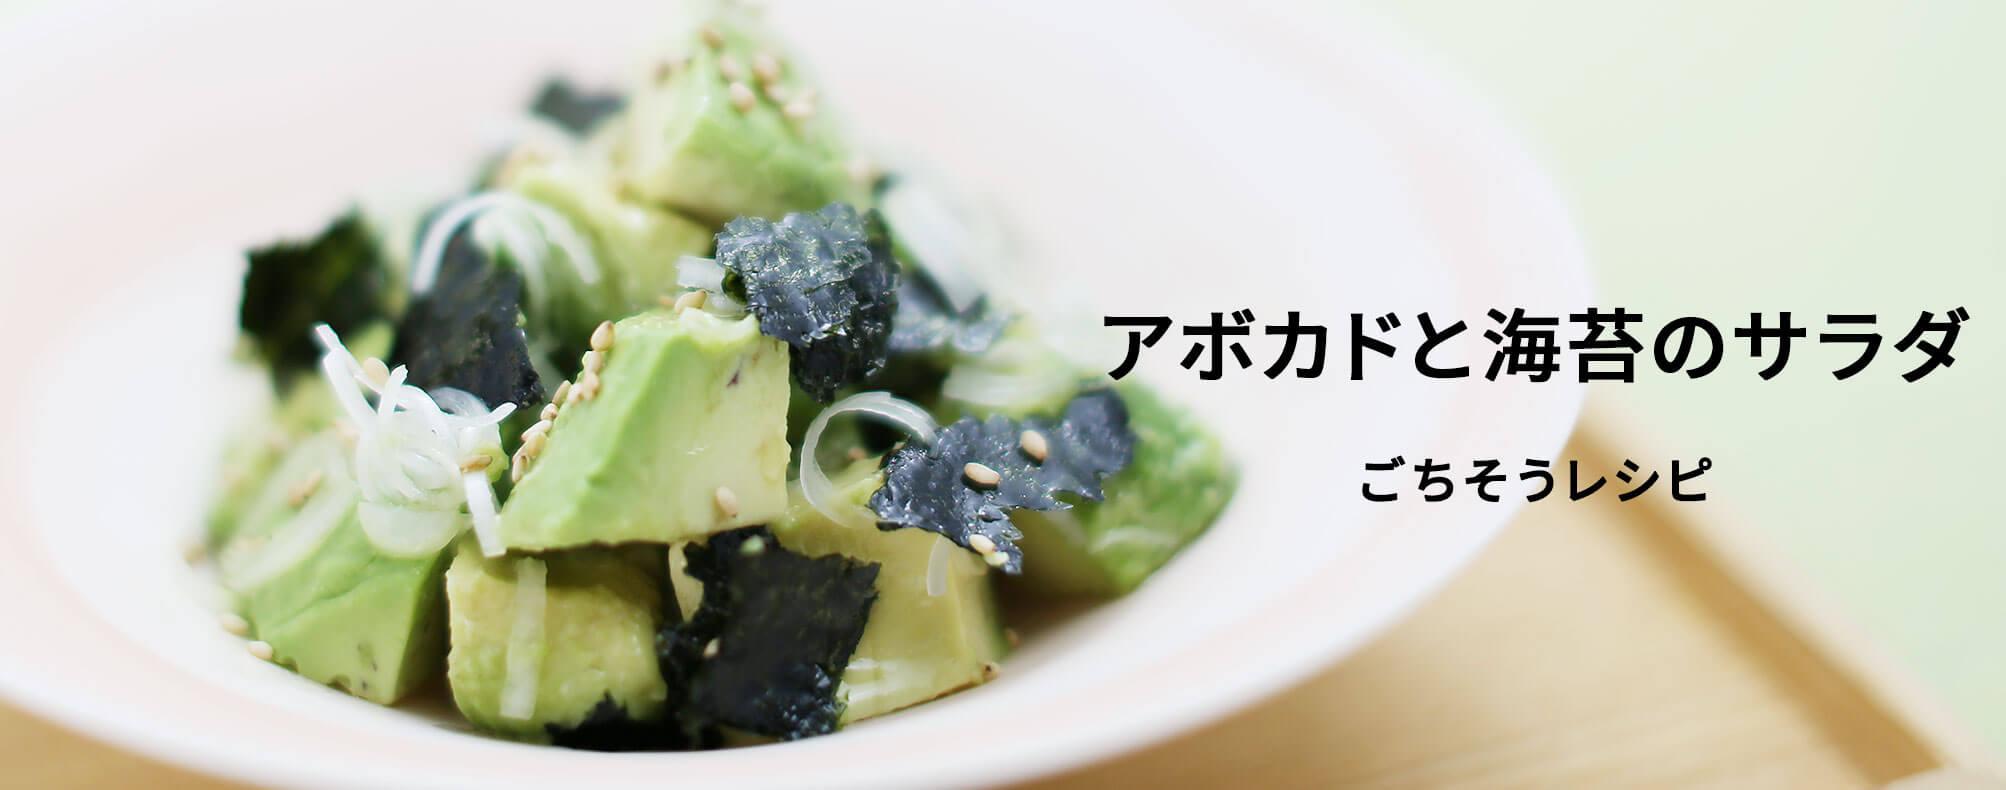 アボカドと海苔のサラダ 今月のごちそうレシピ